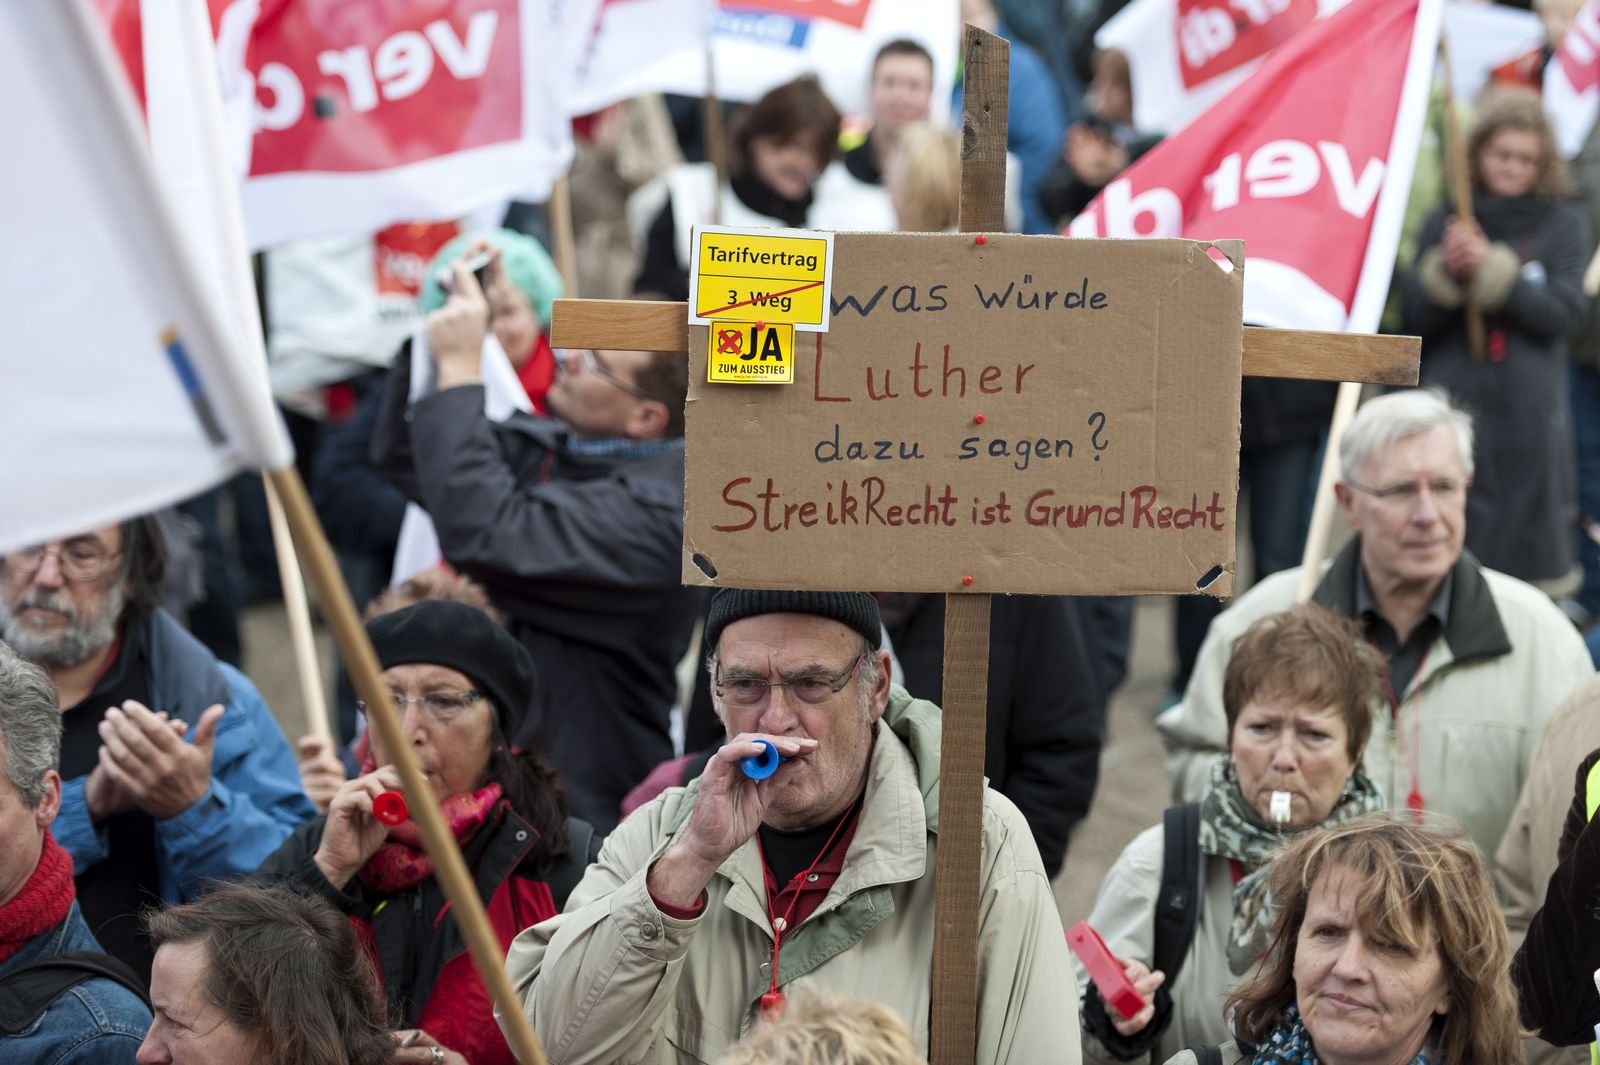 NICHT VERWENDEN Urteile/Kirchen/Arbeitsrecht/Streikrecht